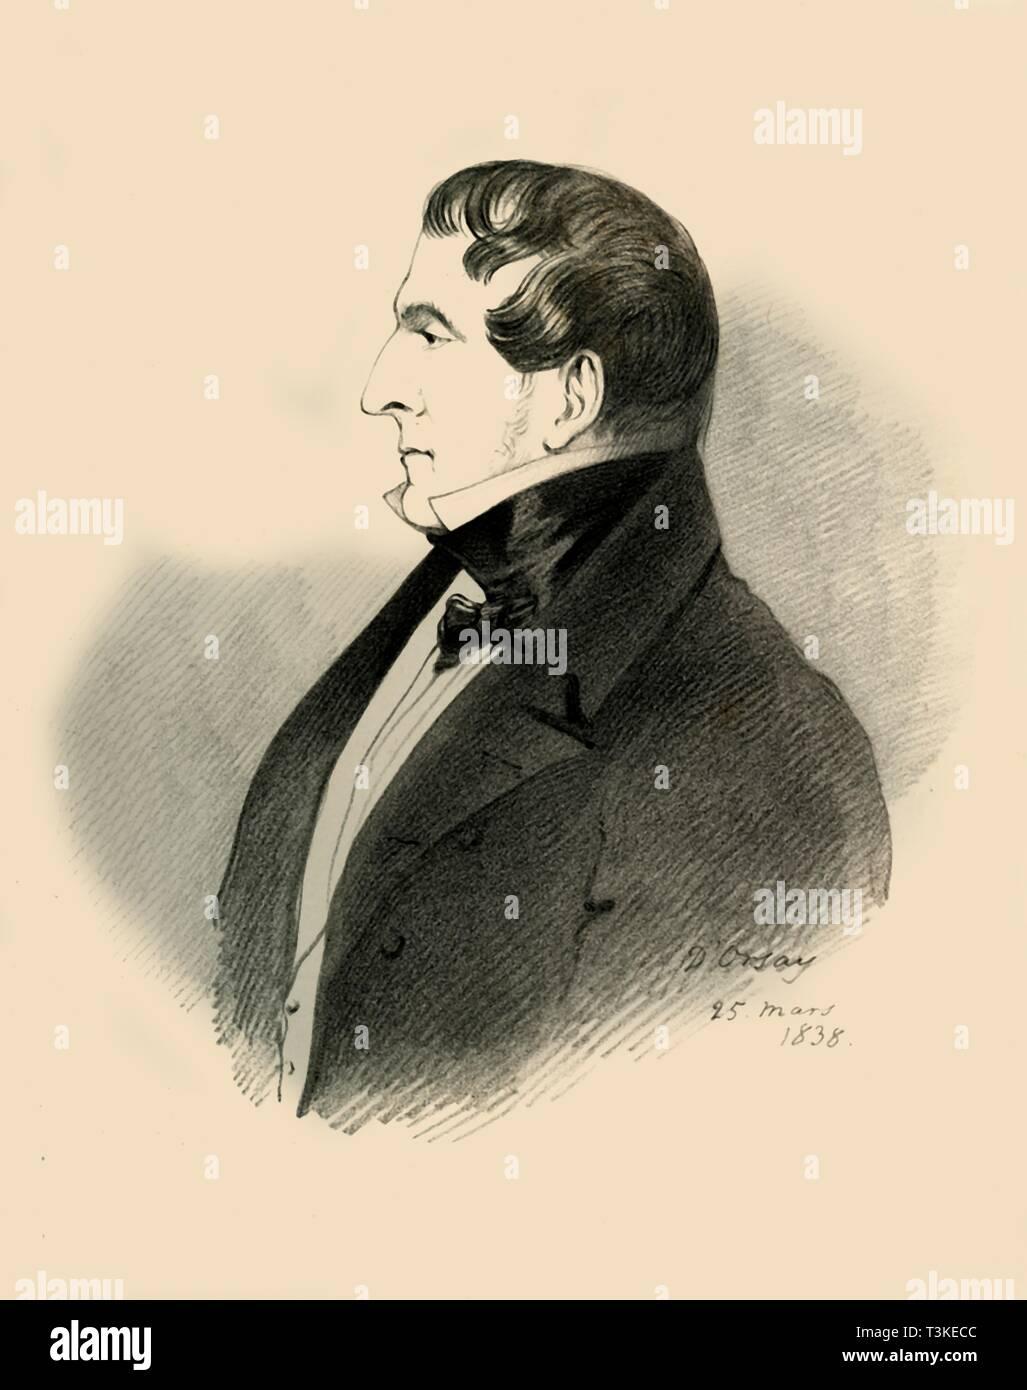 Viscount Allen, 1838.  Creator: Richard James Lane. - Stock Image